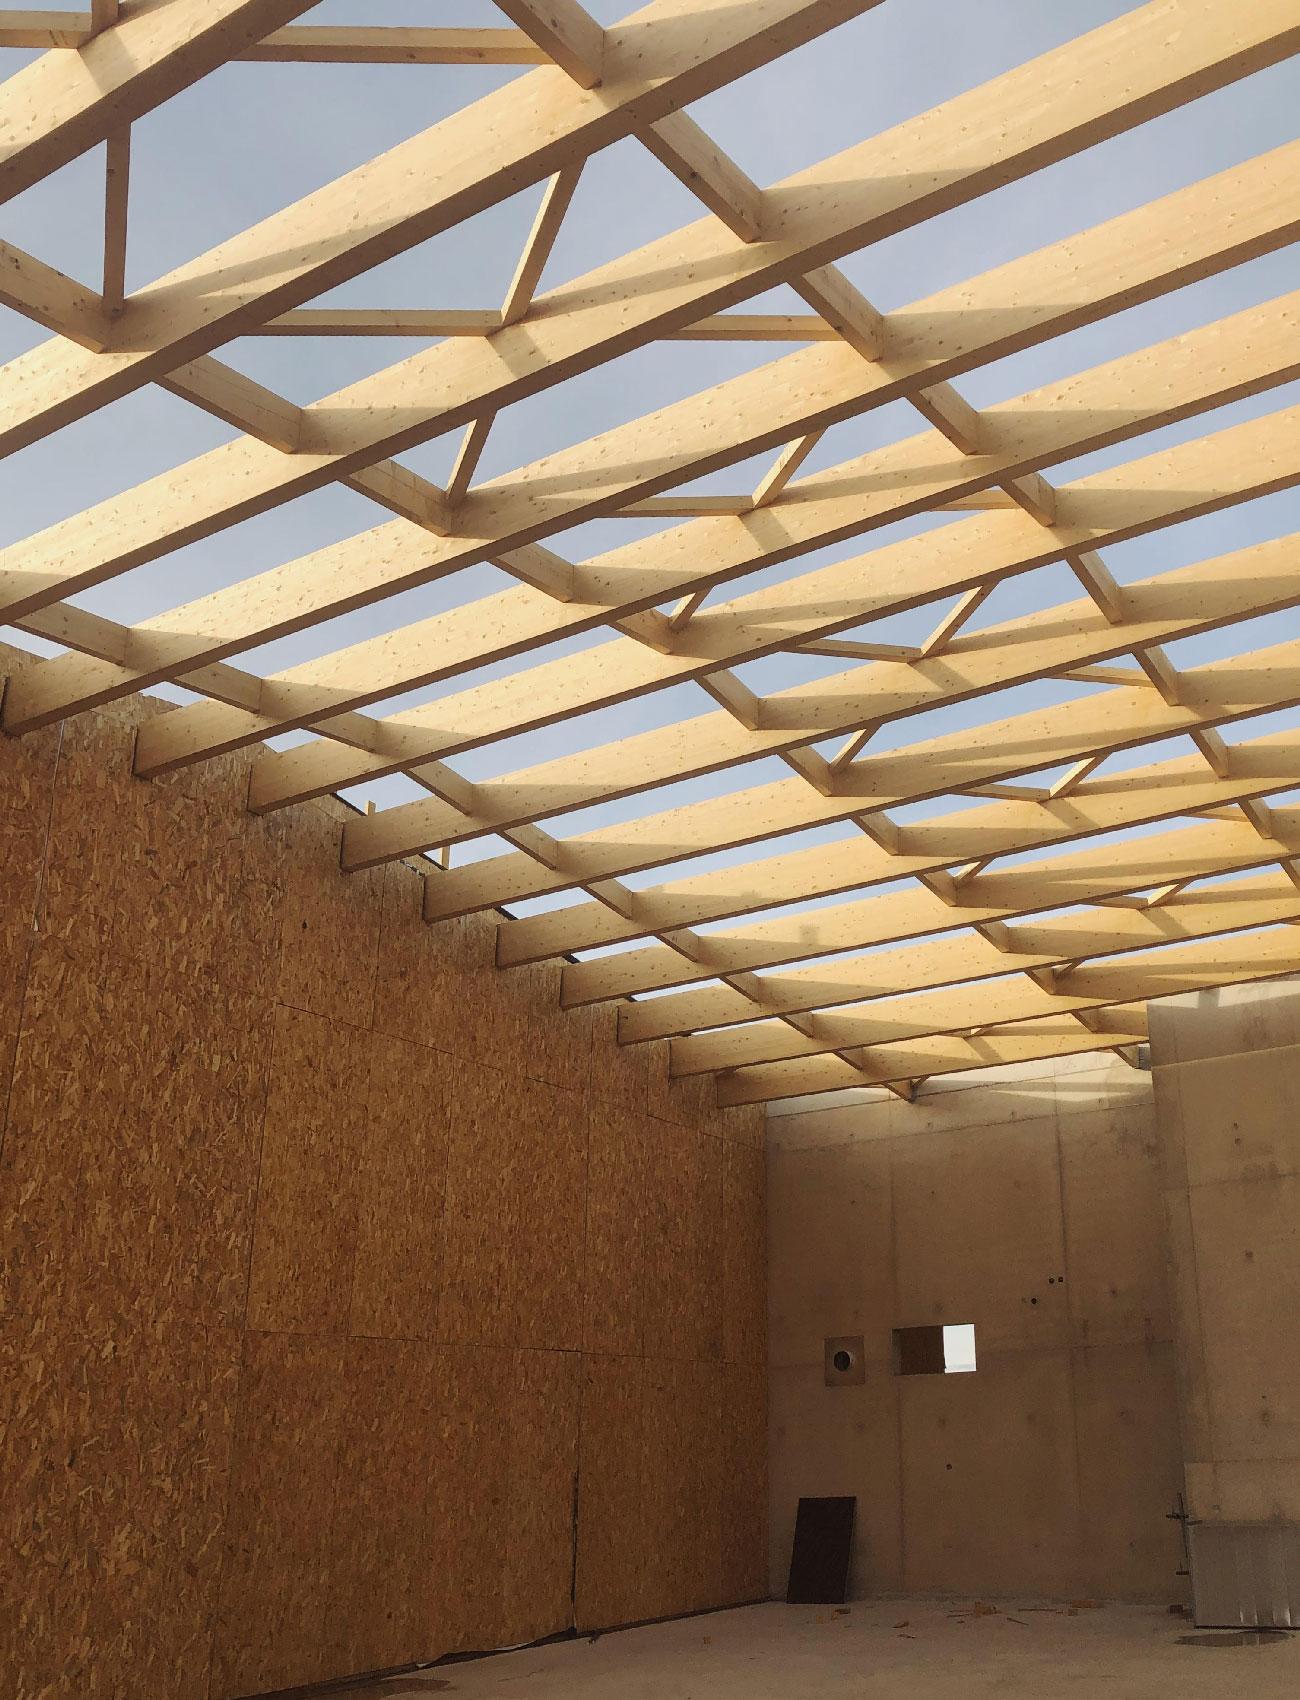 Chantier du centre culturel et associatif de Bellegarde (30) - structure bois apparente - TAUTEM Architecture